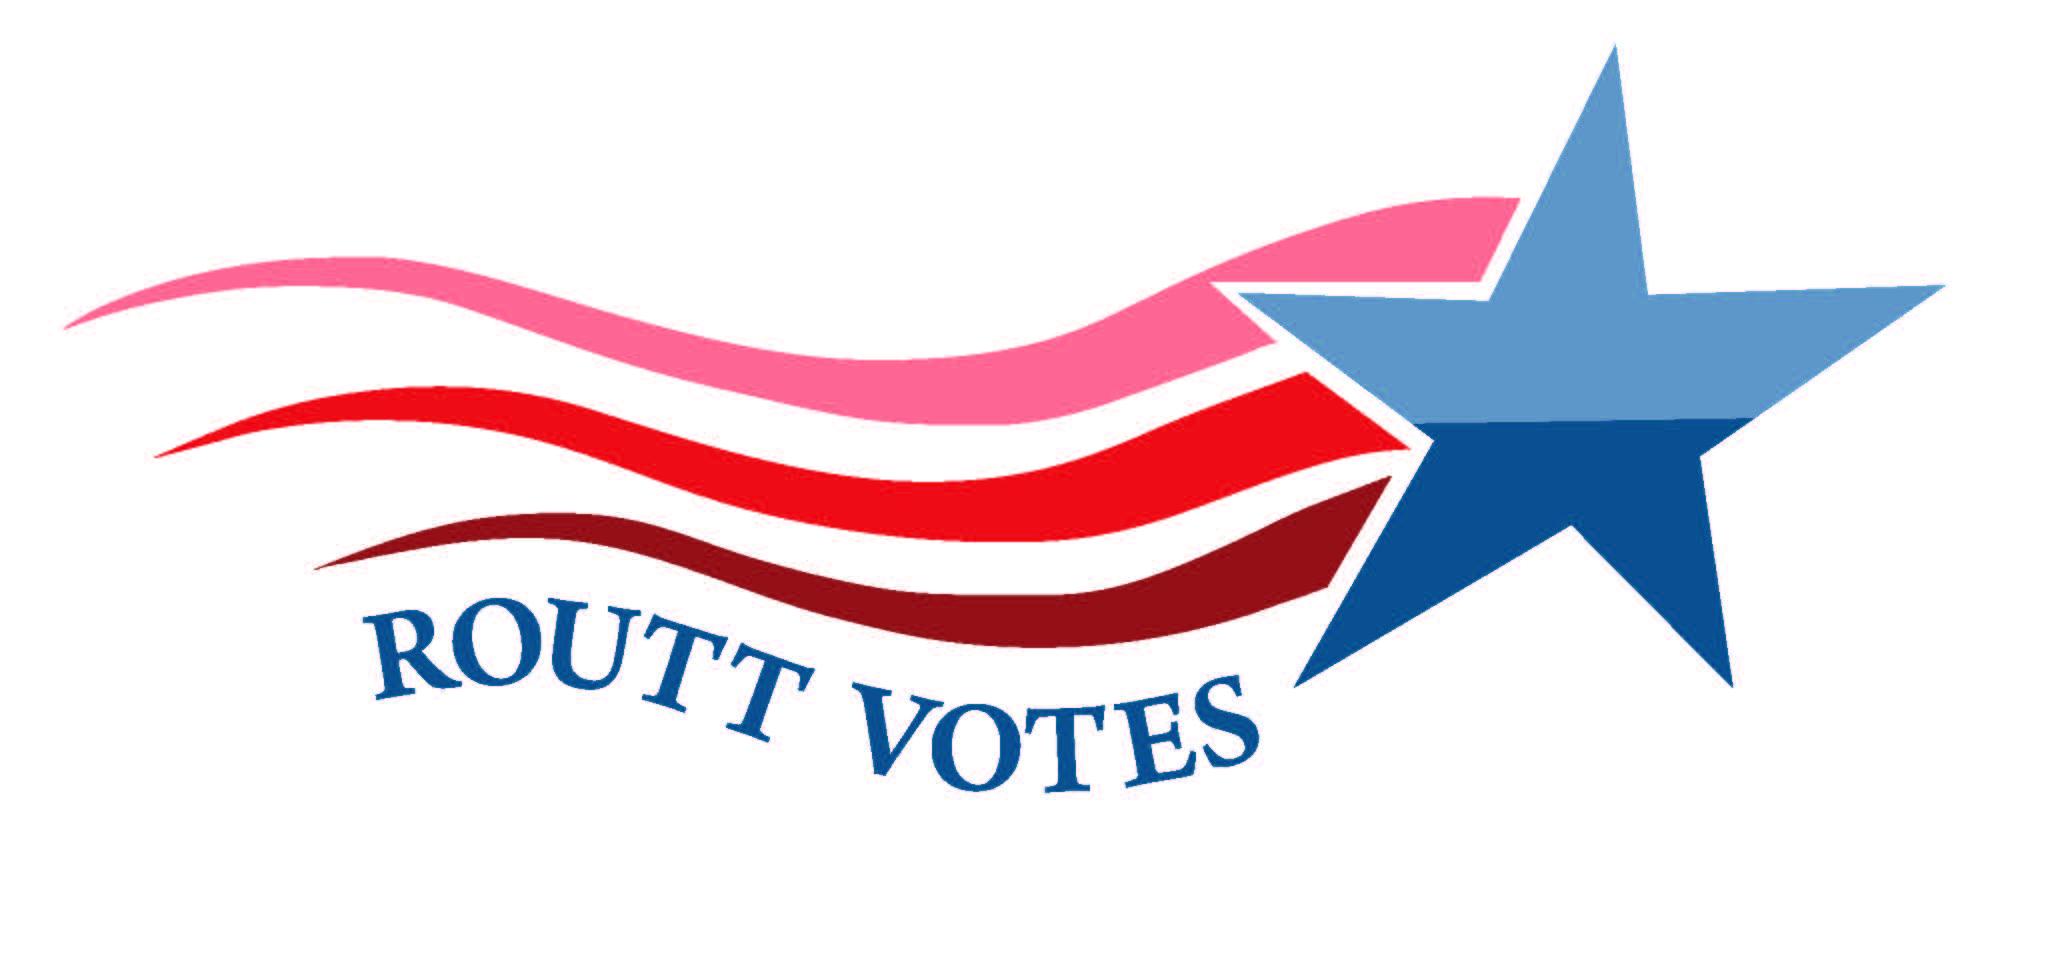 Routt Votes